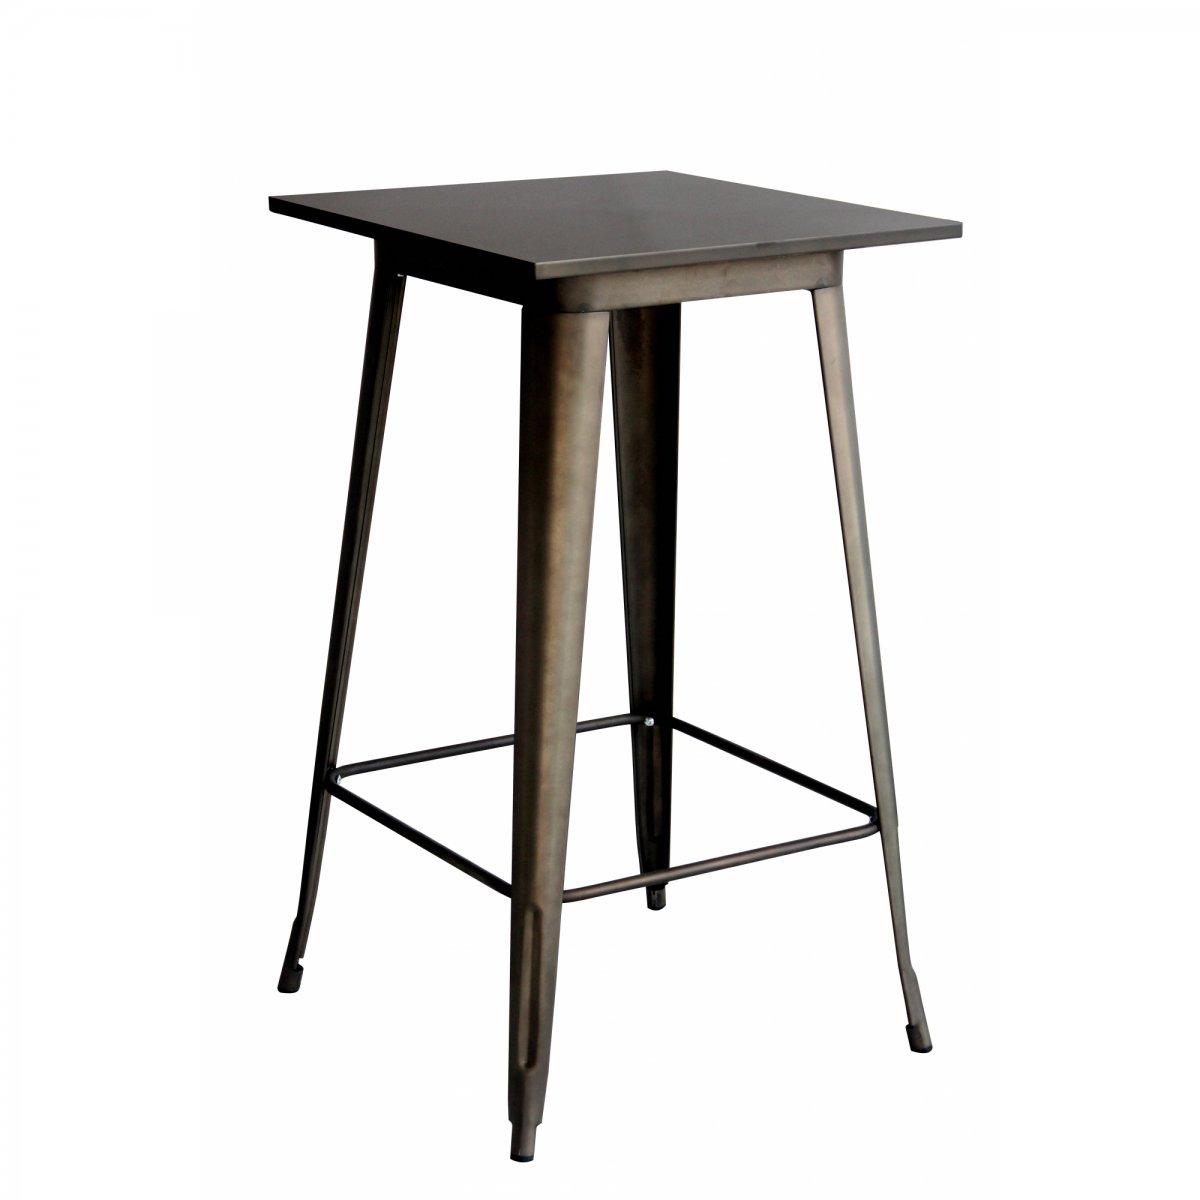 Loft Tavolo alto bistrot quadrato metallo 60 LF605